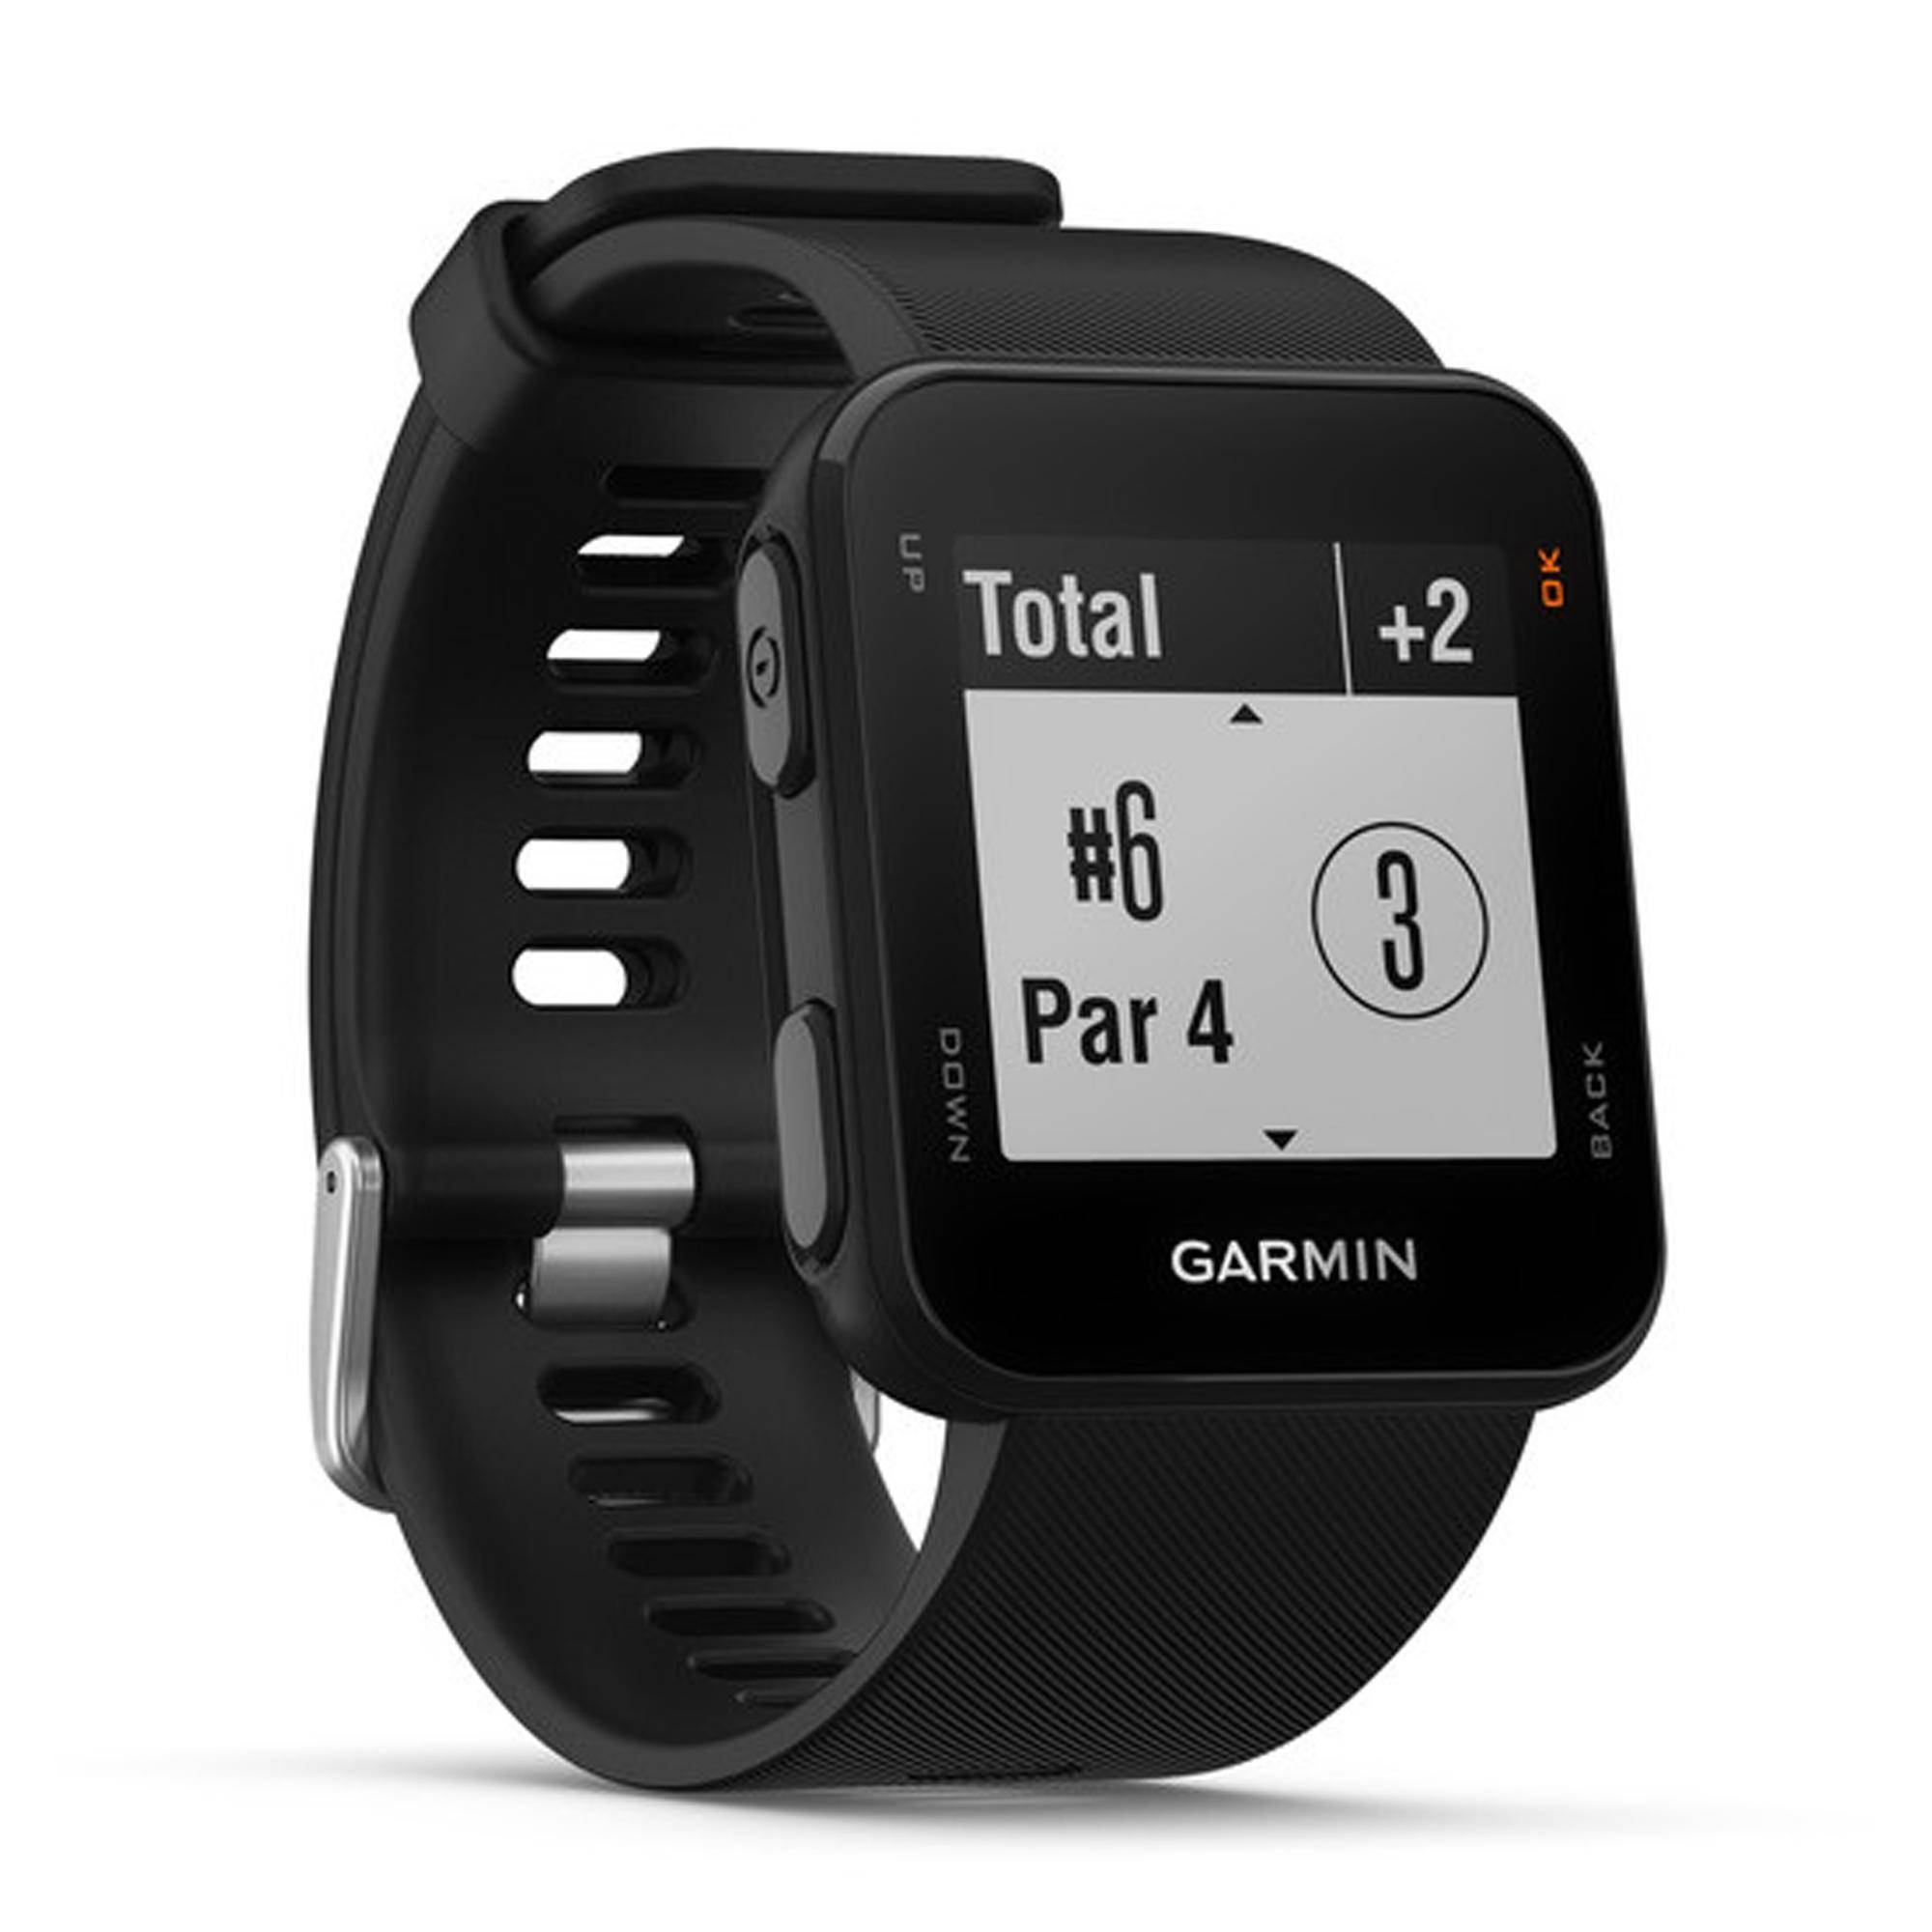 Garmin MONTRE GPS DE GOLF APPROACH S10 NOIR - Garmin